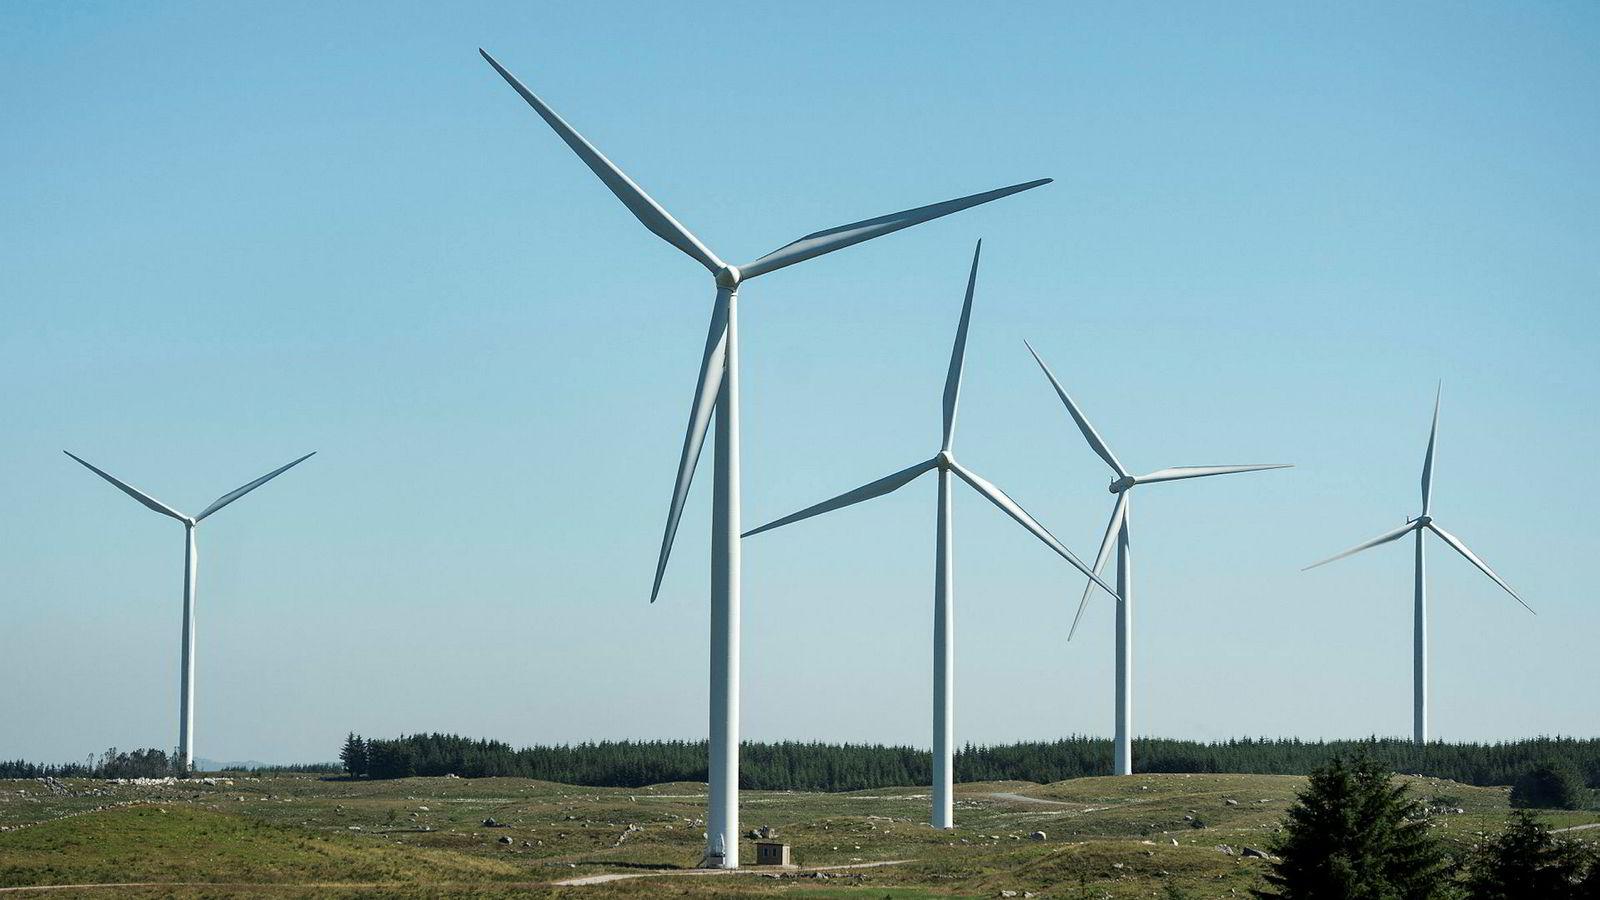 Ser vi nærmere på hvordan vindkraftutbyggingen påvirker oss forbrukere økonomisk, blir bildet nærmest uvirkelig, skriver artikkelforfatteren. Her fra Varhaug i Rogaland.